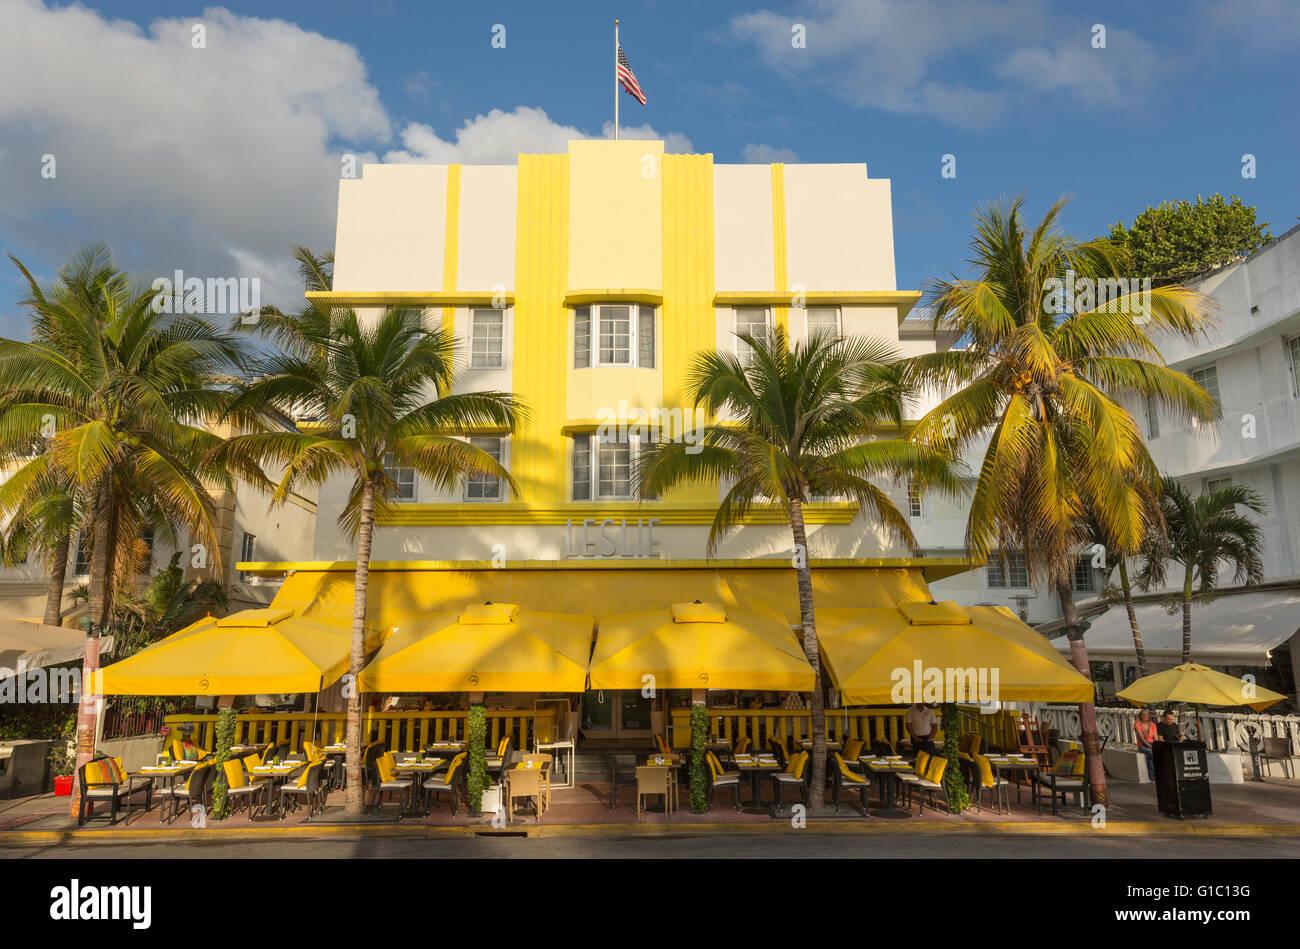 leslie hotel ocean drive south beach miami beach florida